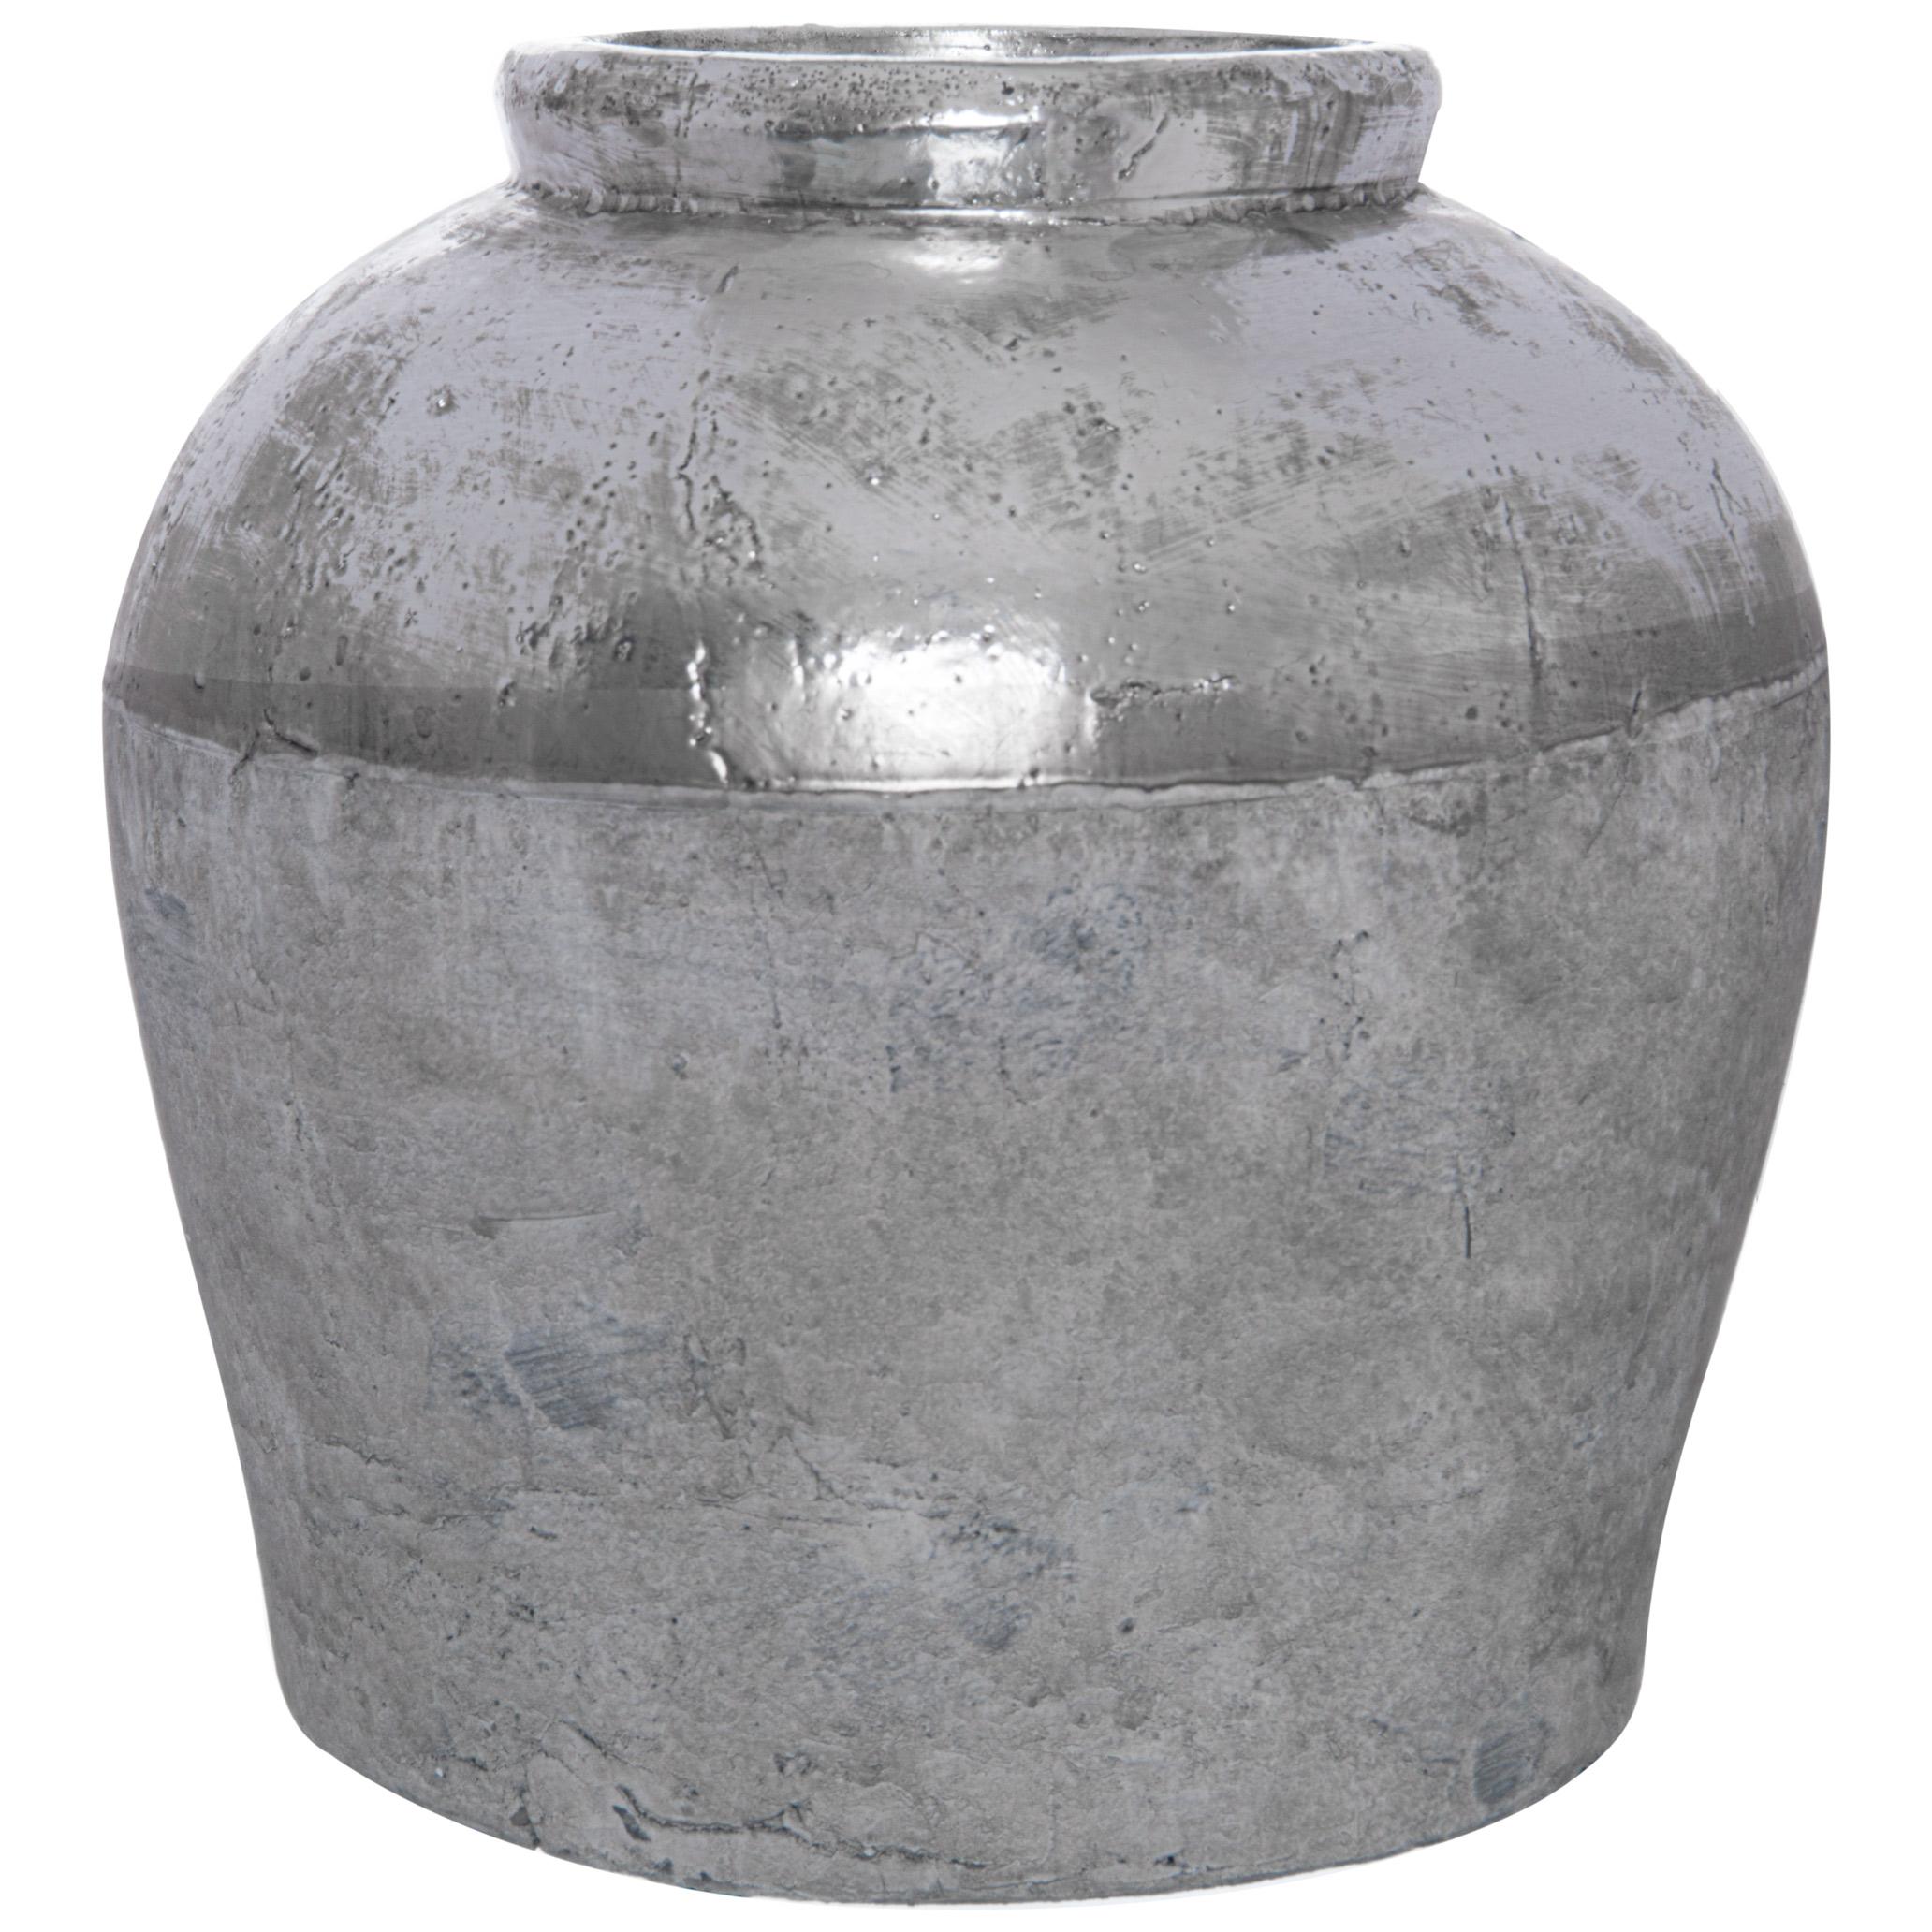 Metallic Dipped Large Juniper Vase - Image 1